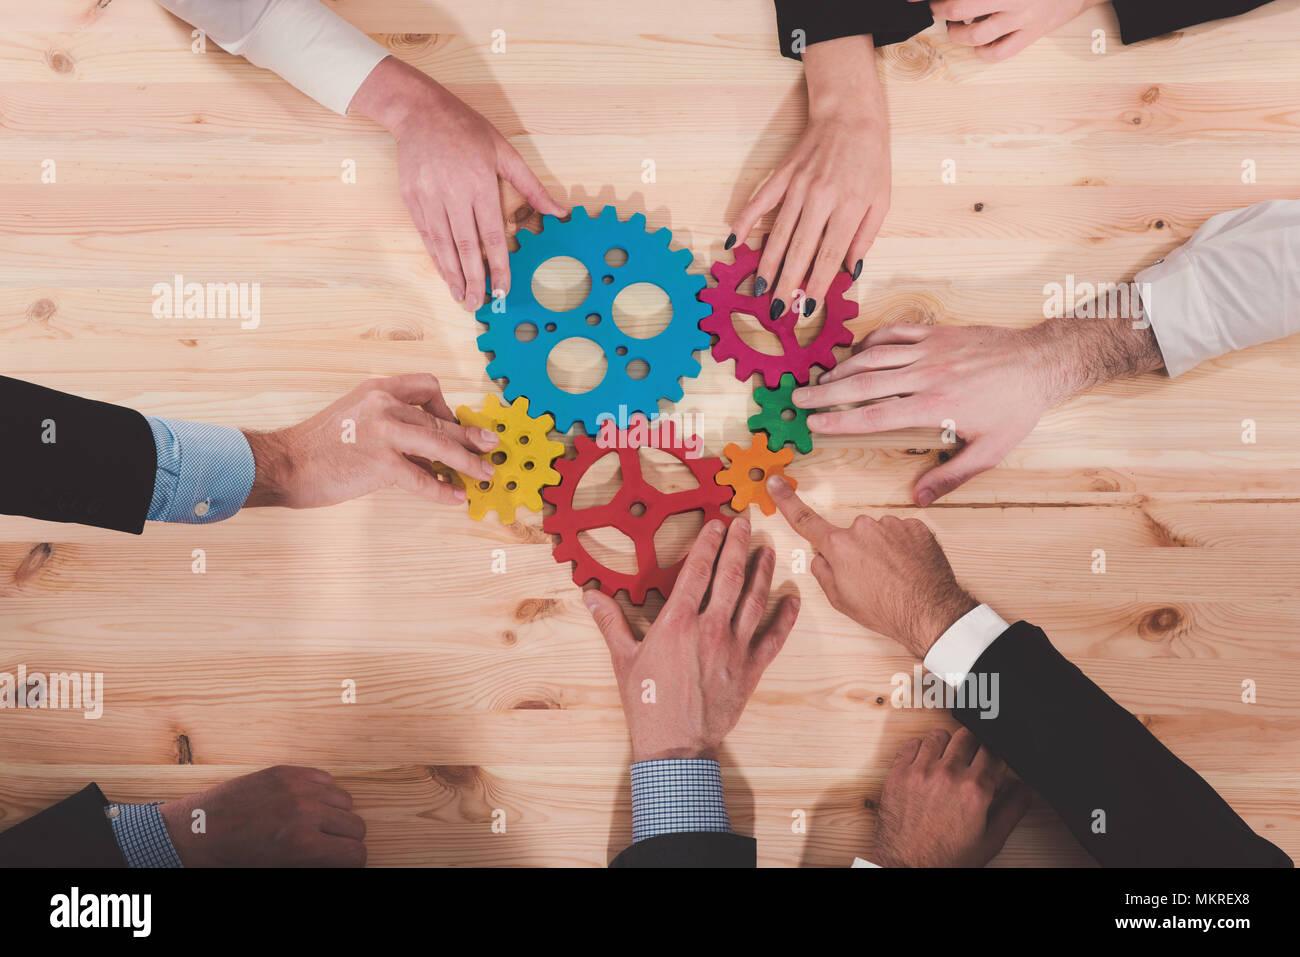 L'équipe Business connect morceaux de pignons. Le travail d'équipe, de partenariat et de concept d'intégration Photo Stock